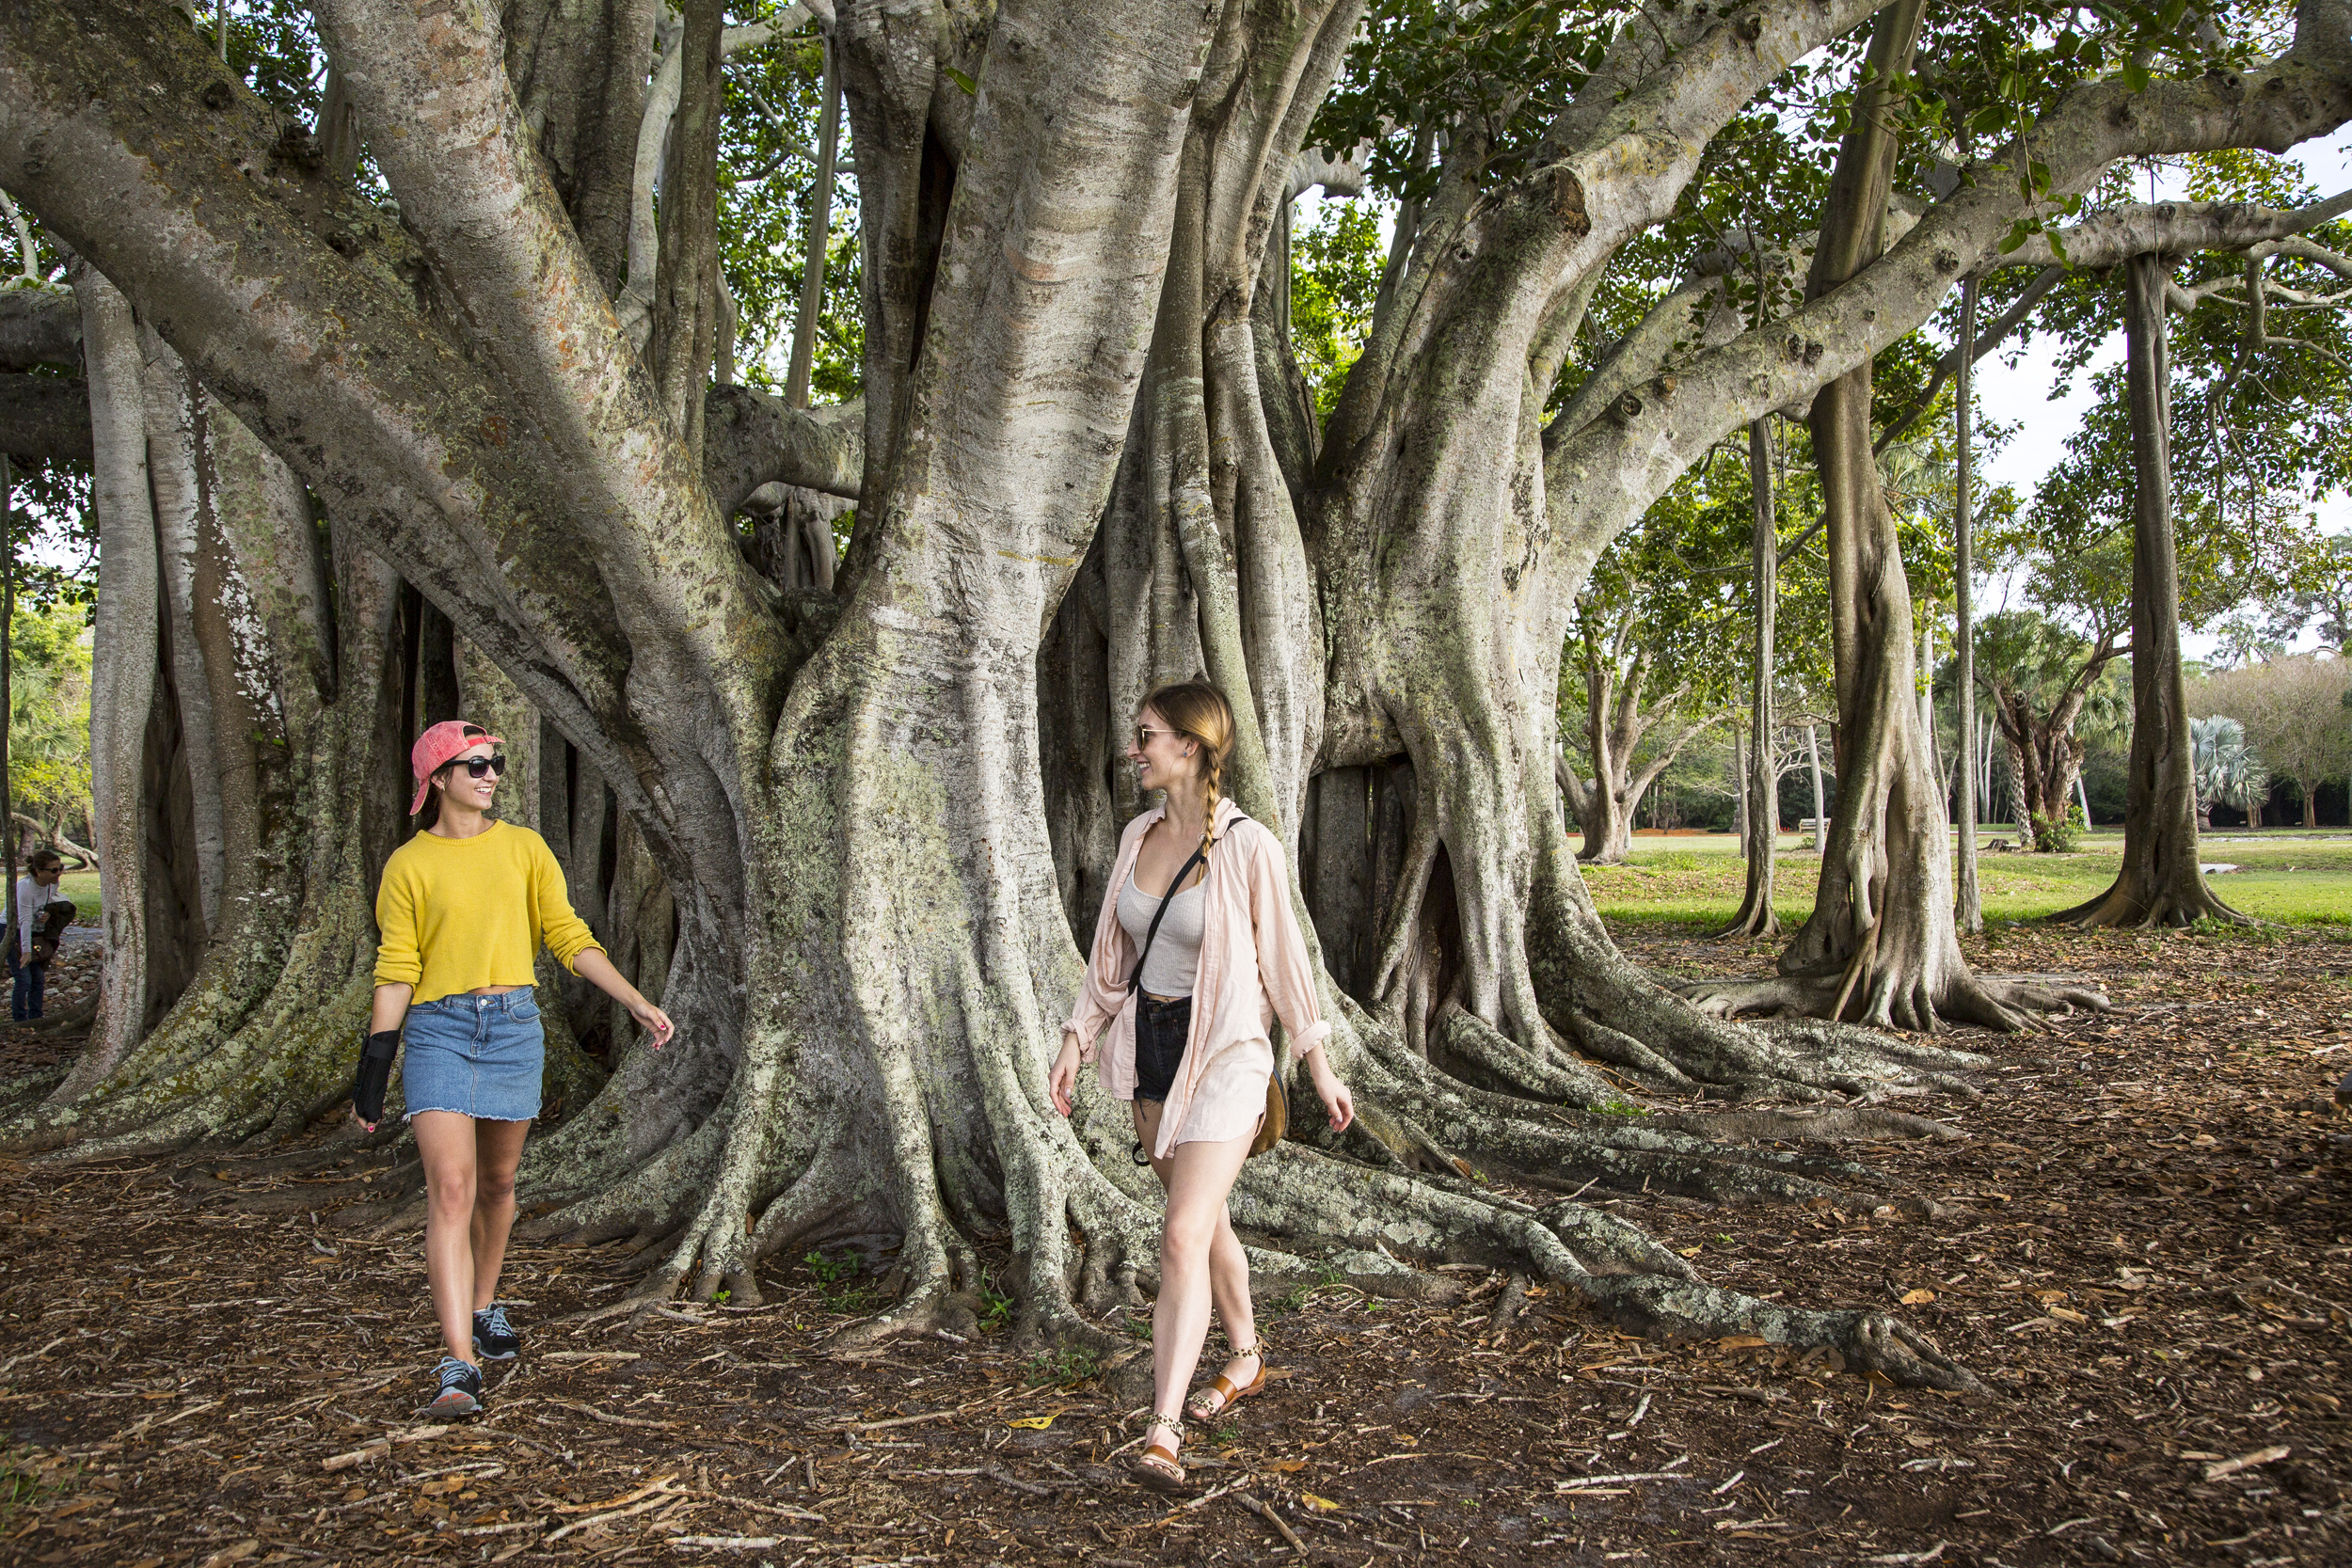 Girls enjoying the Banyan trees